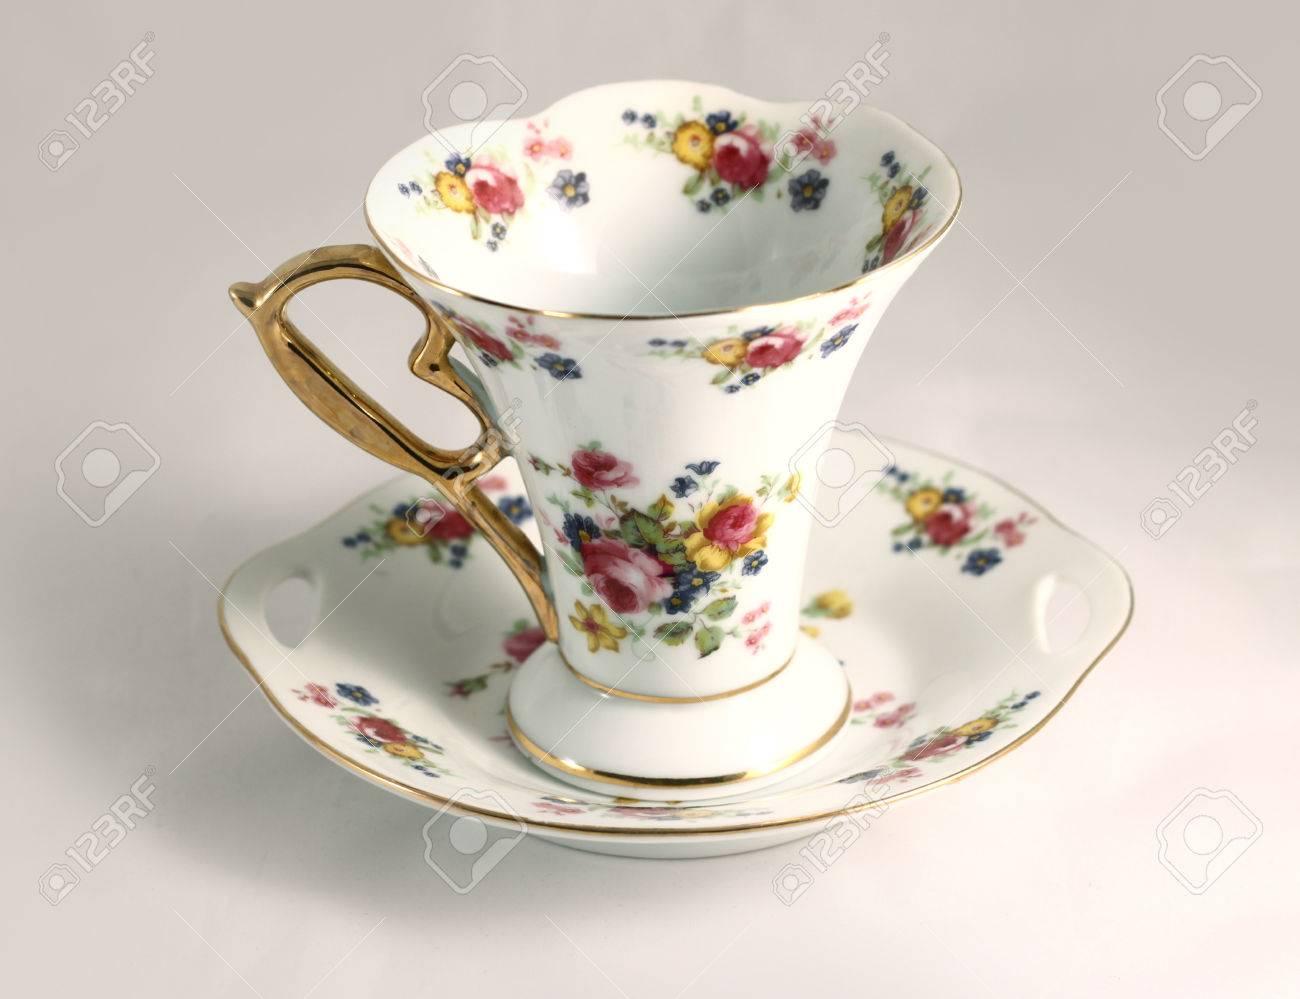 Porzellan Tasse Tee Mit Blumenverzierung. Barock Luxuriöses Design ...